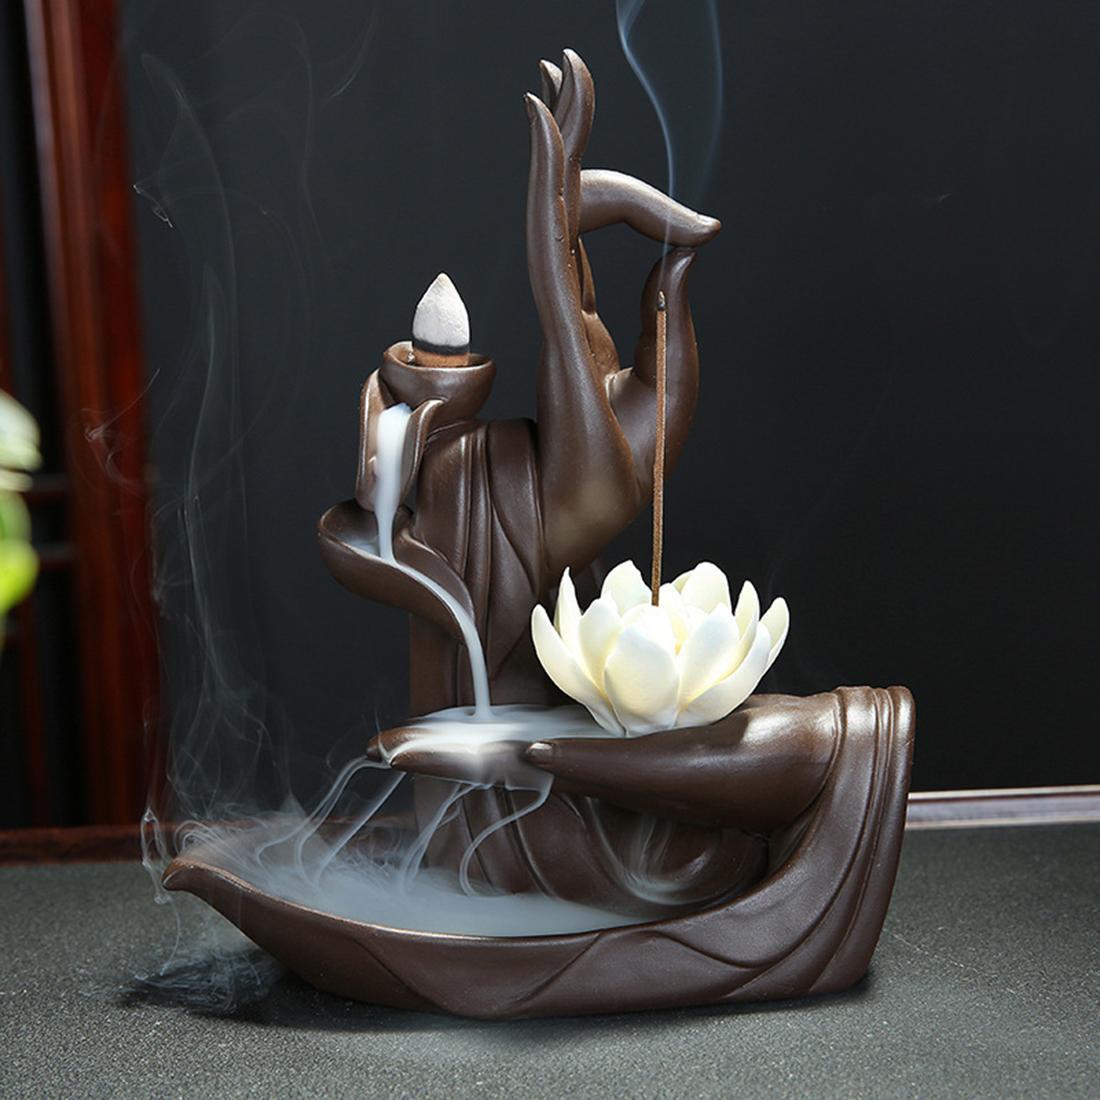 السيراميك ارتجاعي مبخرة Tathagata بوذا لوتس البخور المخاريط عصا حامل دخان شلال الإبداعية الرئيسية Bouddha ديكور